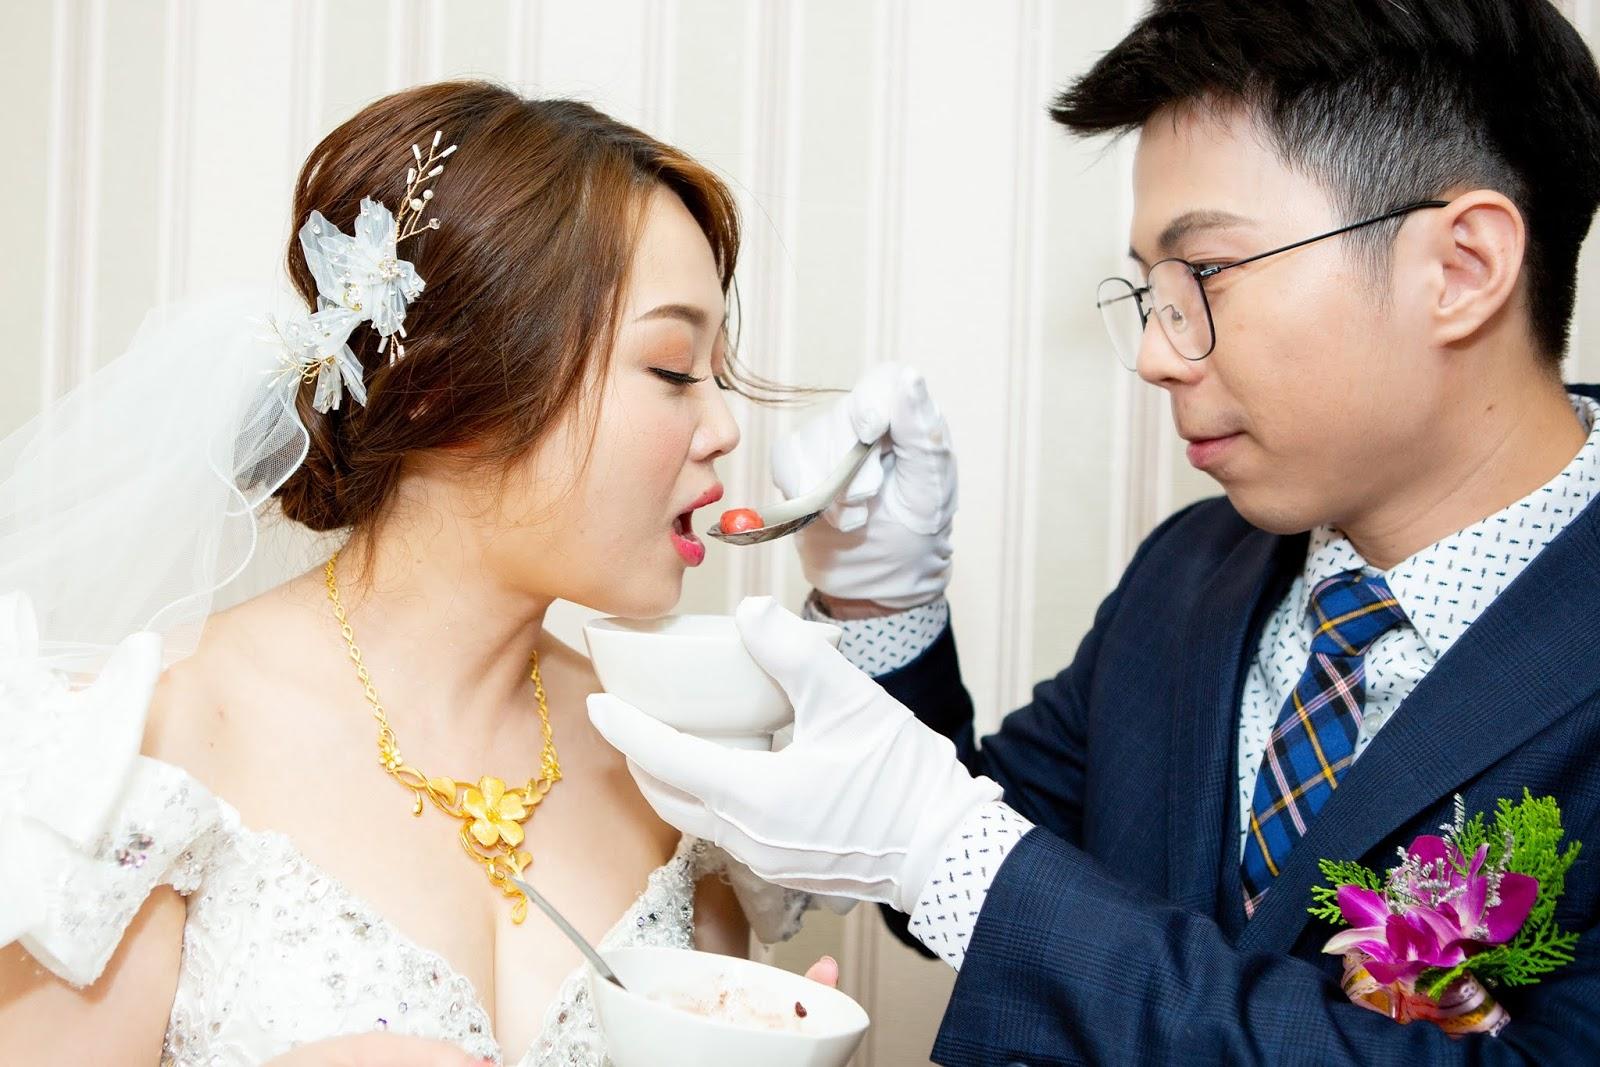 崑視覺工作坊,婚禮攝影師吳崑榮